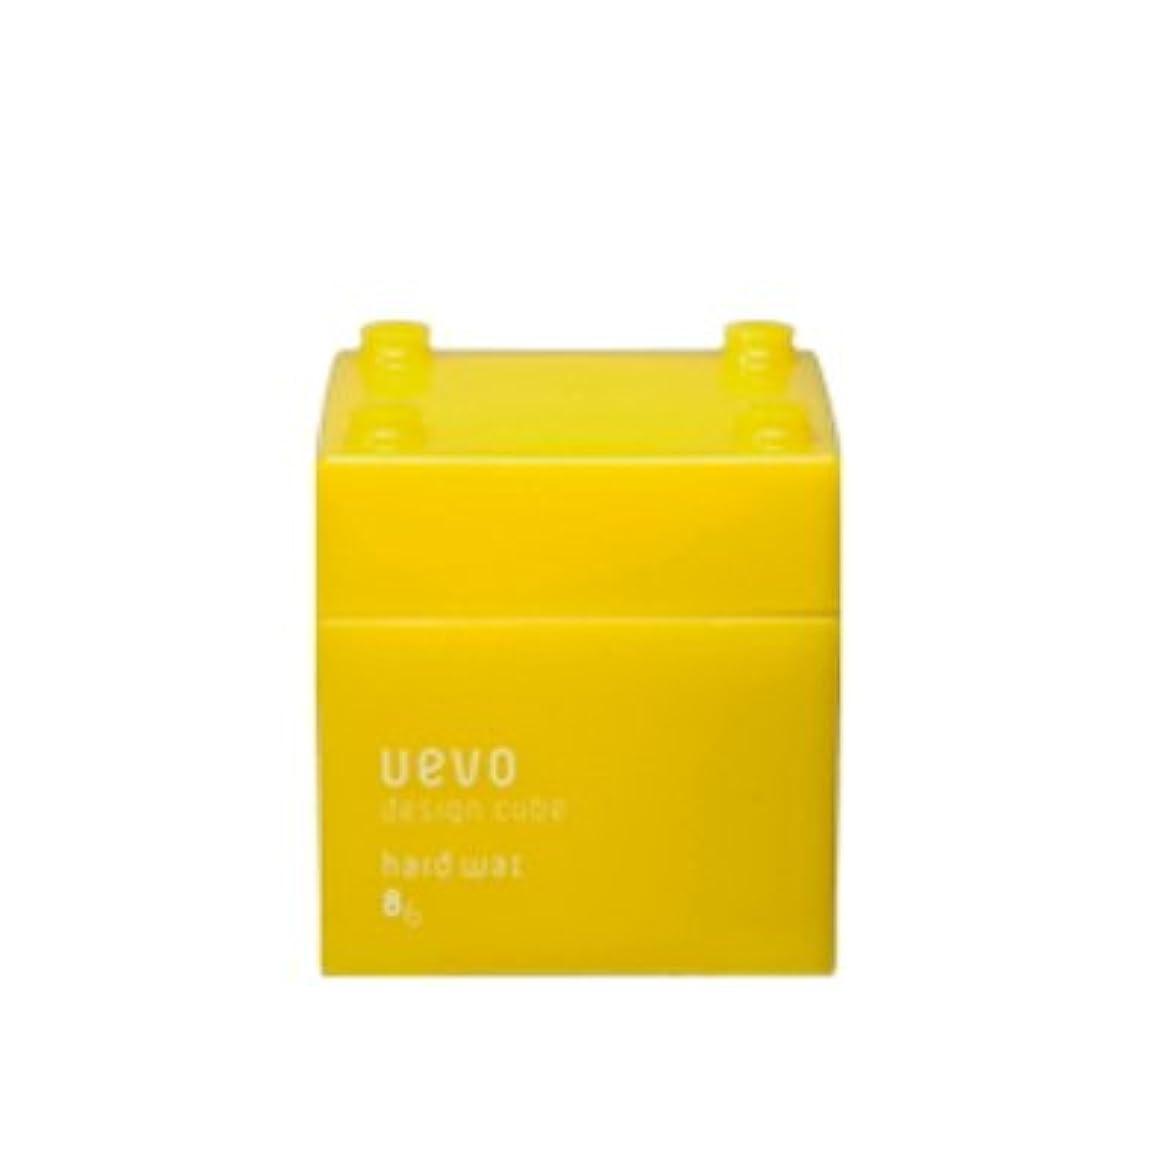 ホスト膨張する予算【デミコスメティクス】ウェーボ デザインキューブ ハードワックス 80g